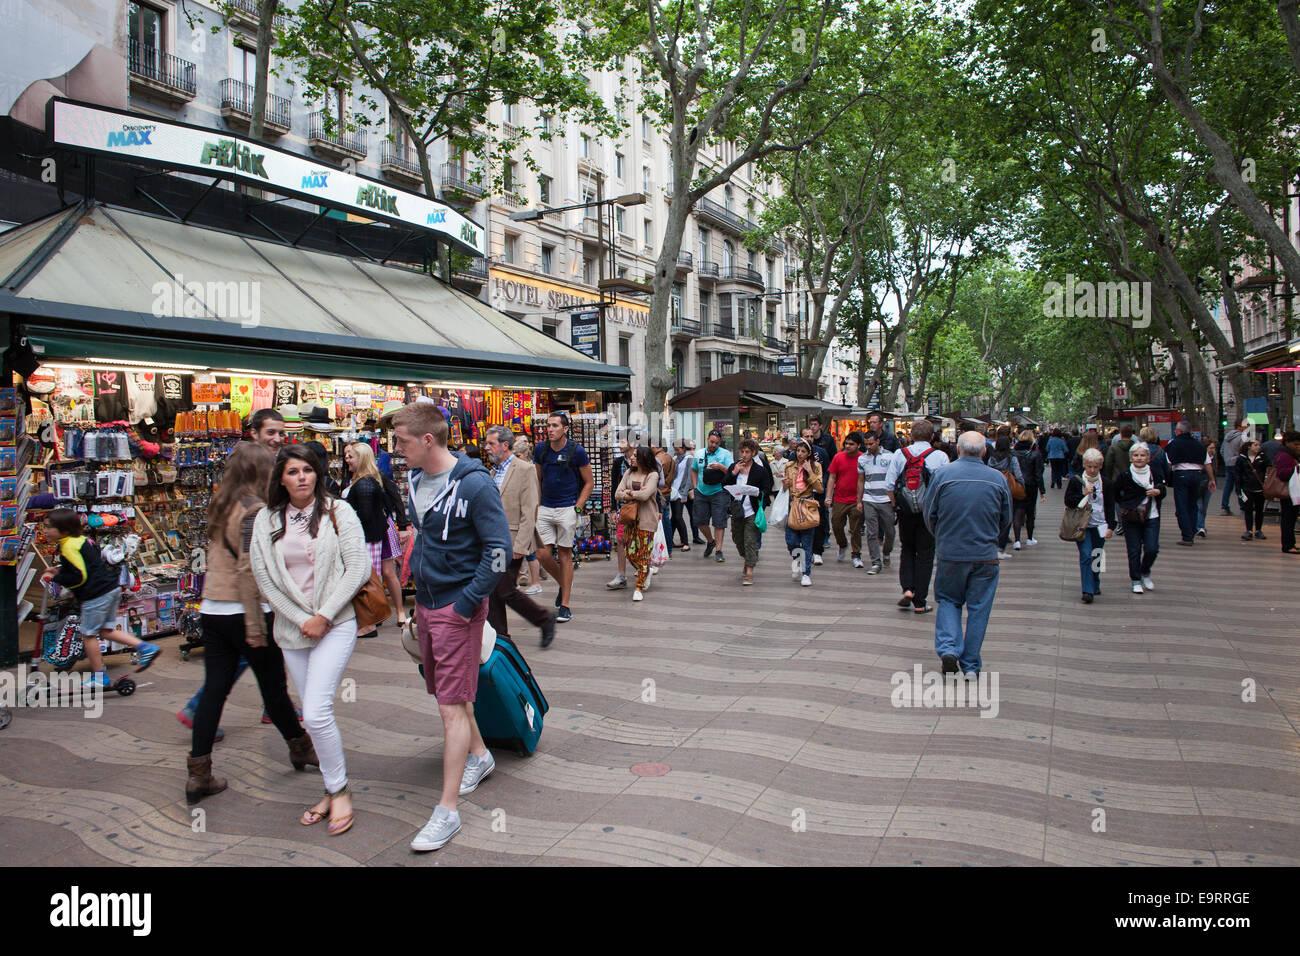 La Rambla di Barcellona, in Catalogna, Spagna. Immagini Stock